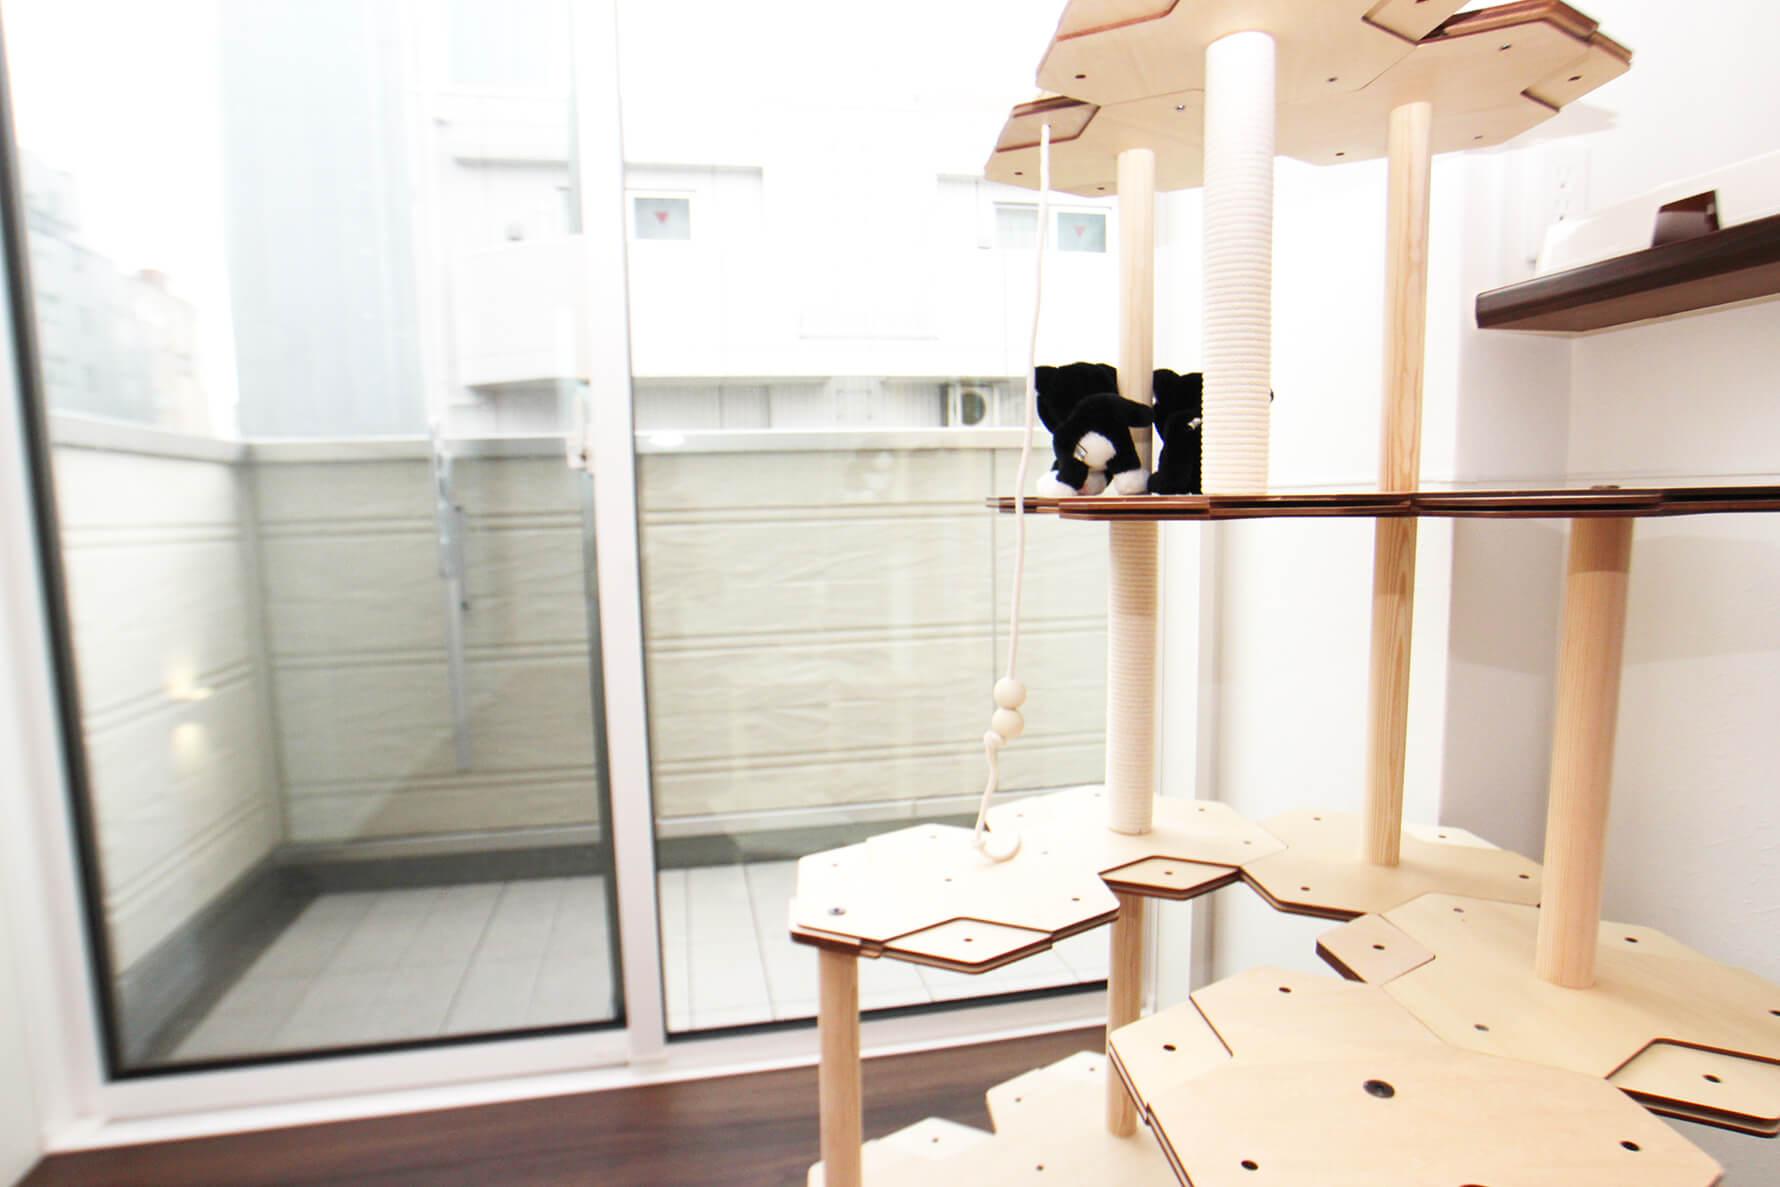 401号室はこんな風にお好みのキャットタワーを置いてあげたりして・・・ こちらのキャットタワーは、もし気に入った場合はプレゼント。 そのまま入居後もご利用可能です